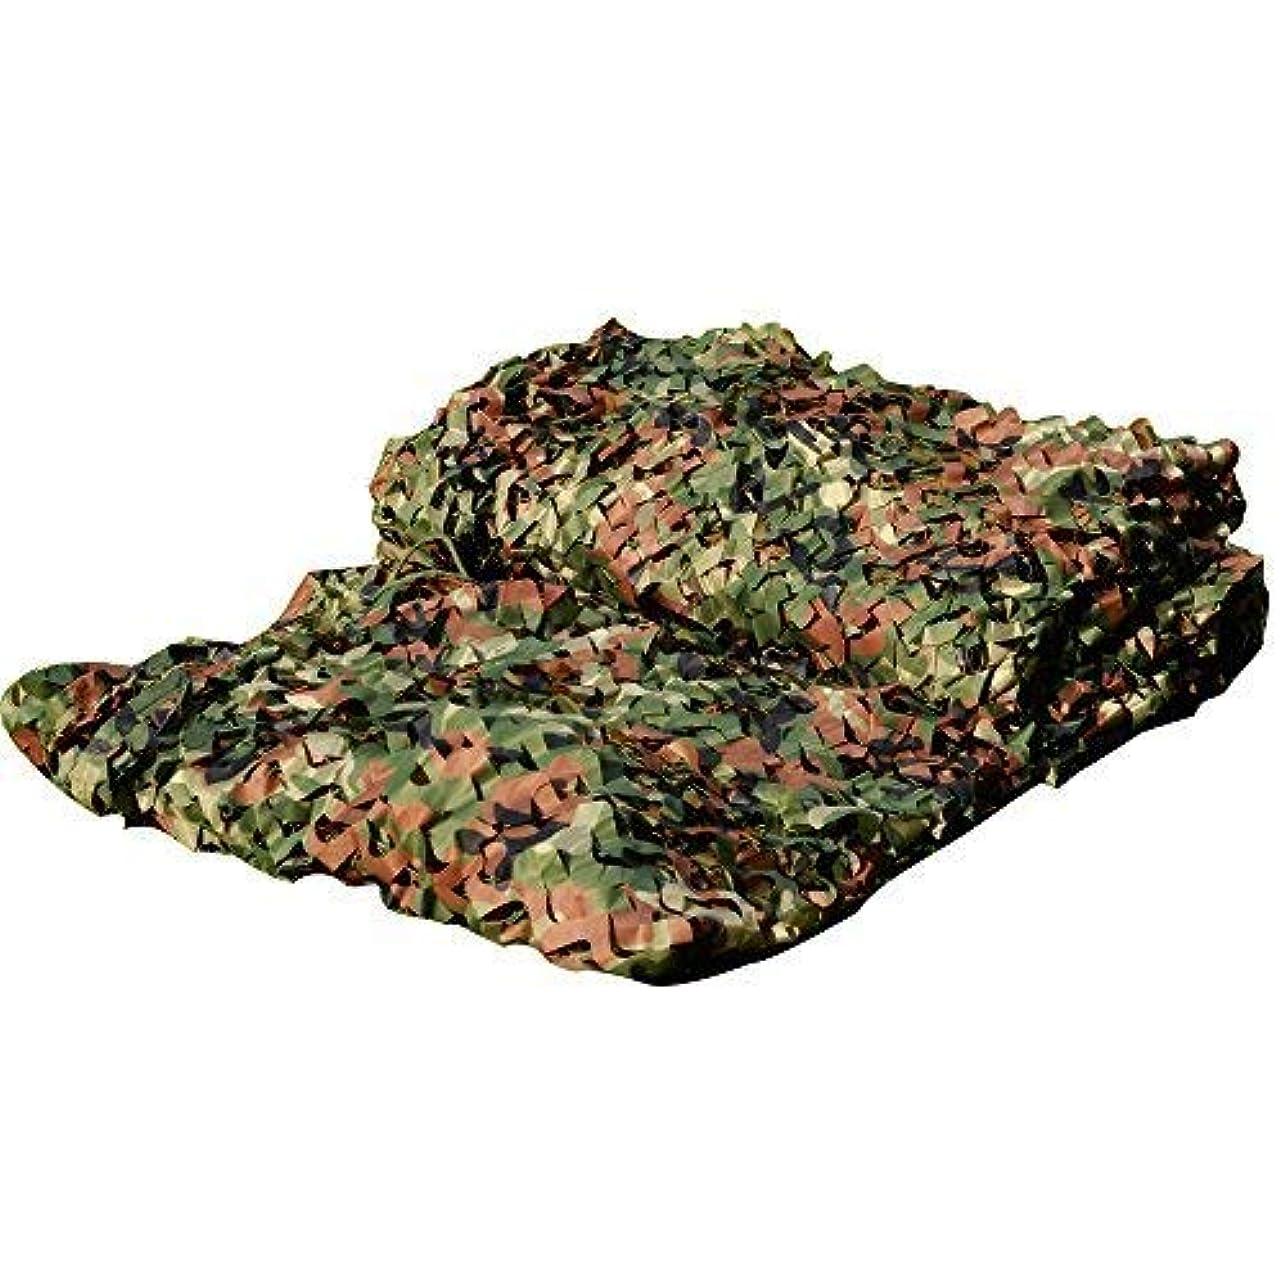 収束する東部コークスLOOGU Camouflage Netting, Camo Net Hunting Blind Great for Sunshade Camping Shooting Hunting etc. (150D Polyester, 6.5x10ft) [並行輸入品]